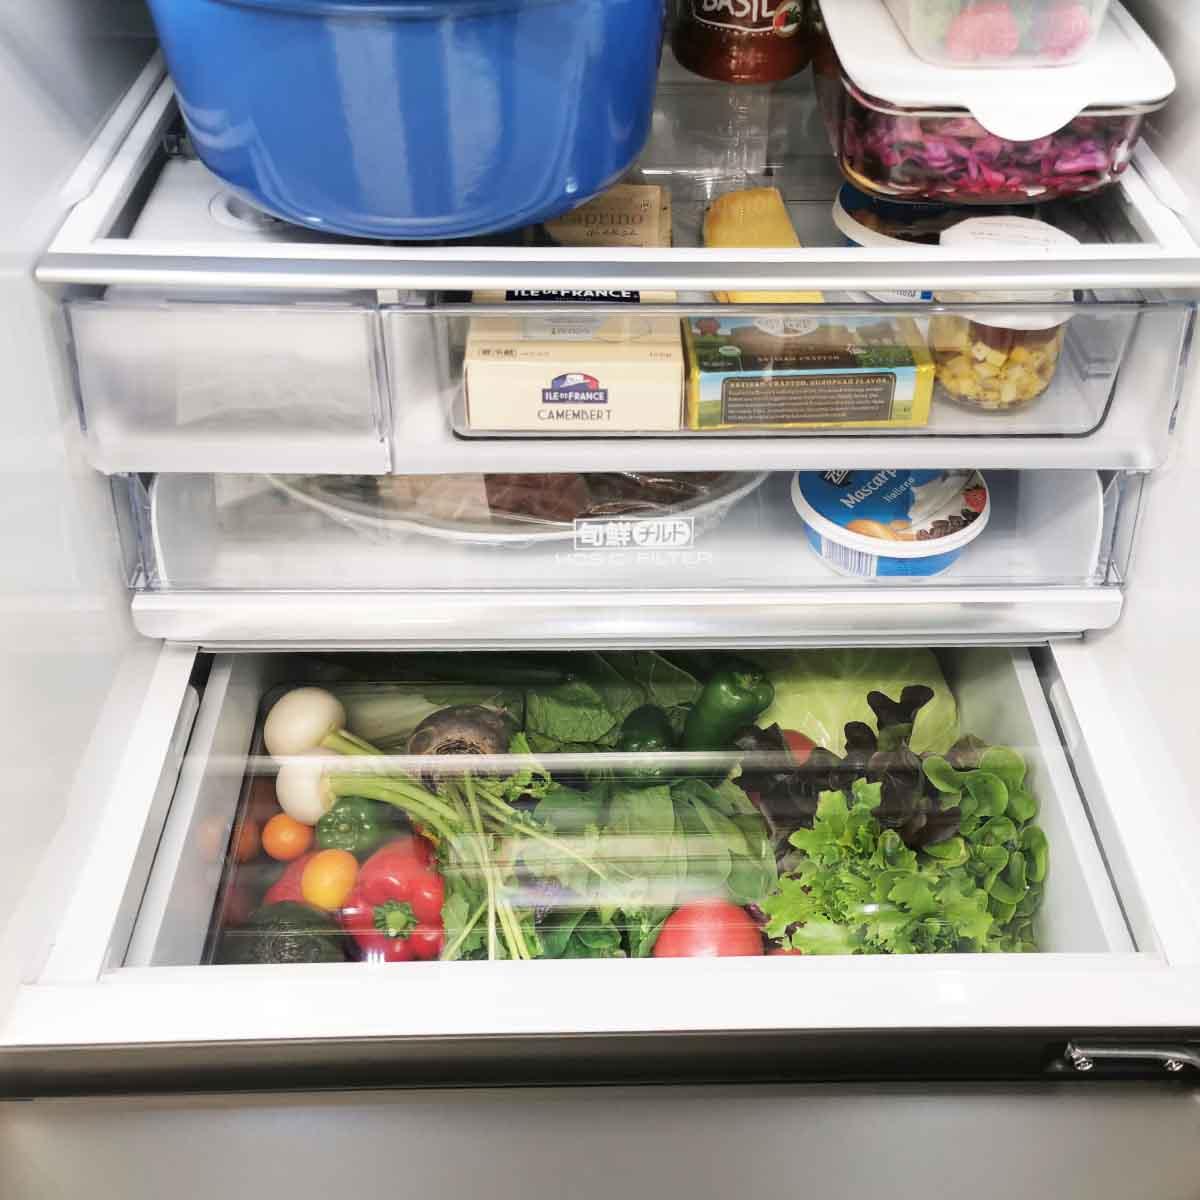 これは斬新! 「冷蔵室から野菜室が見える」アクアの冷蔵庫「デリエ」シリーズ